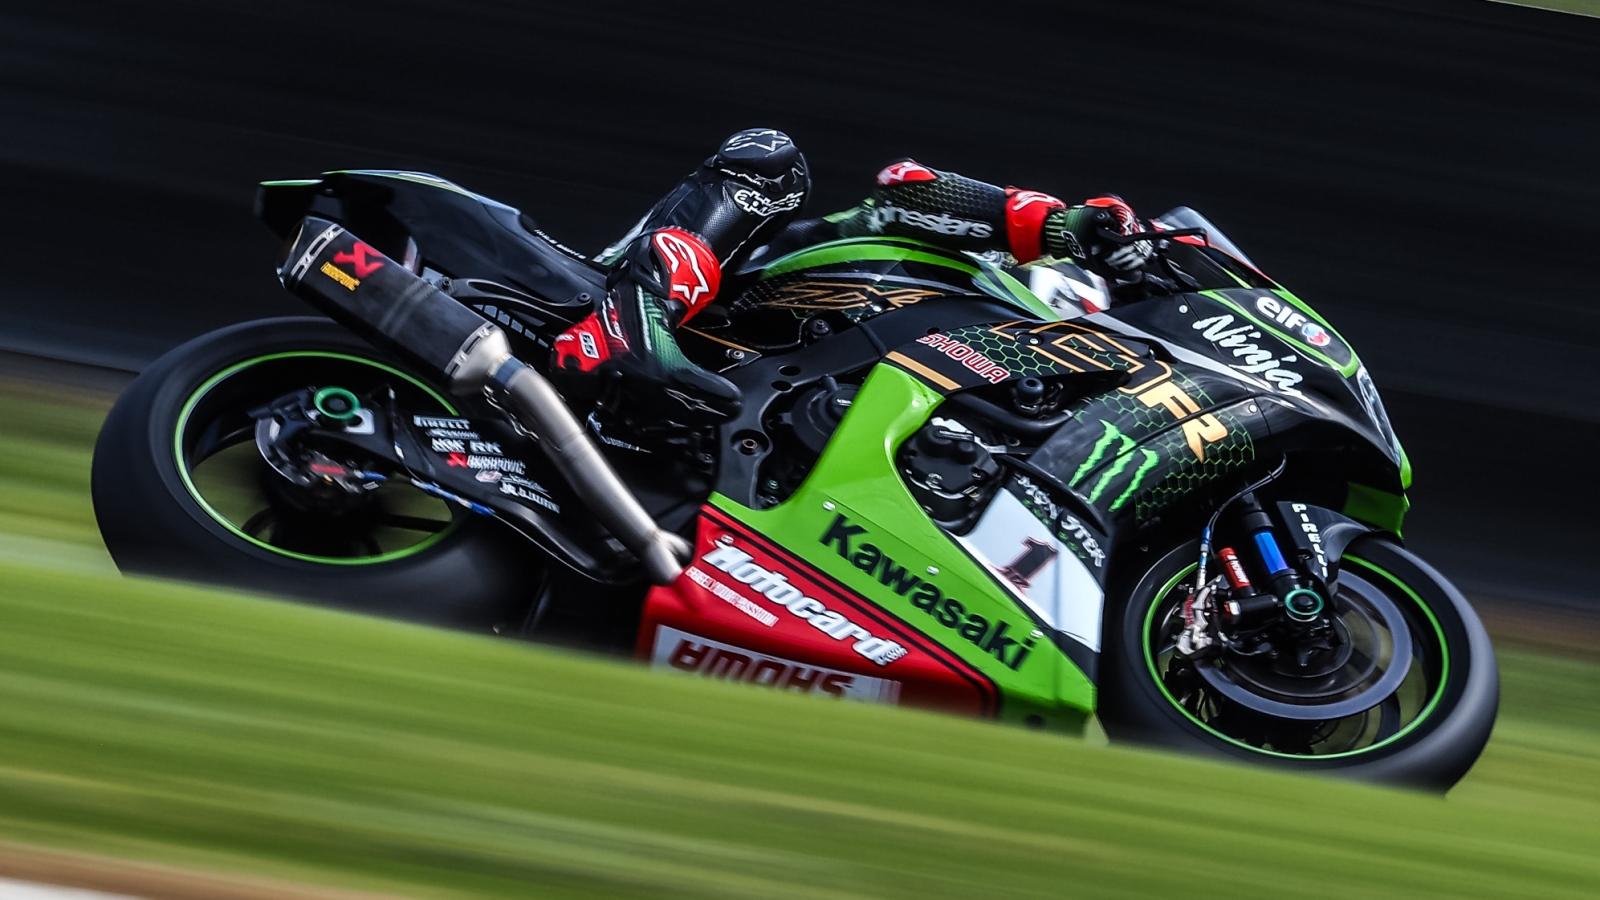 Los 22 pilotos de Superbike 2020, en números